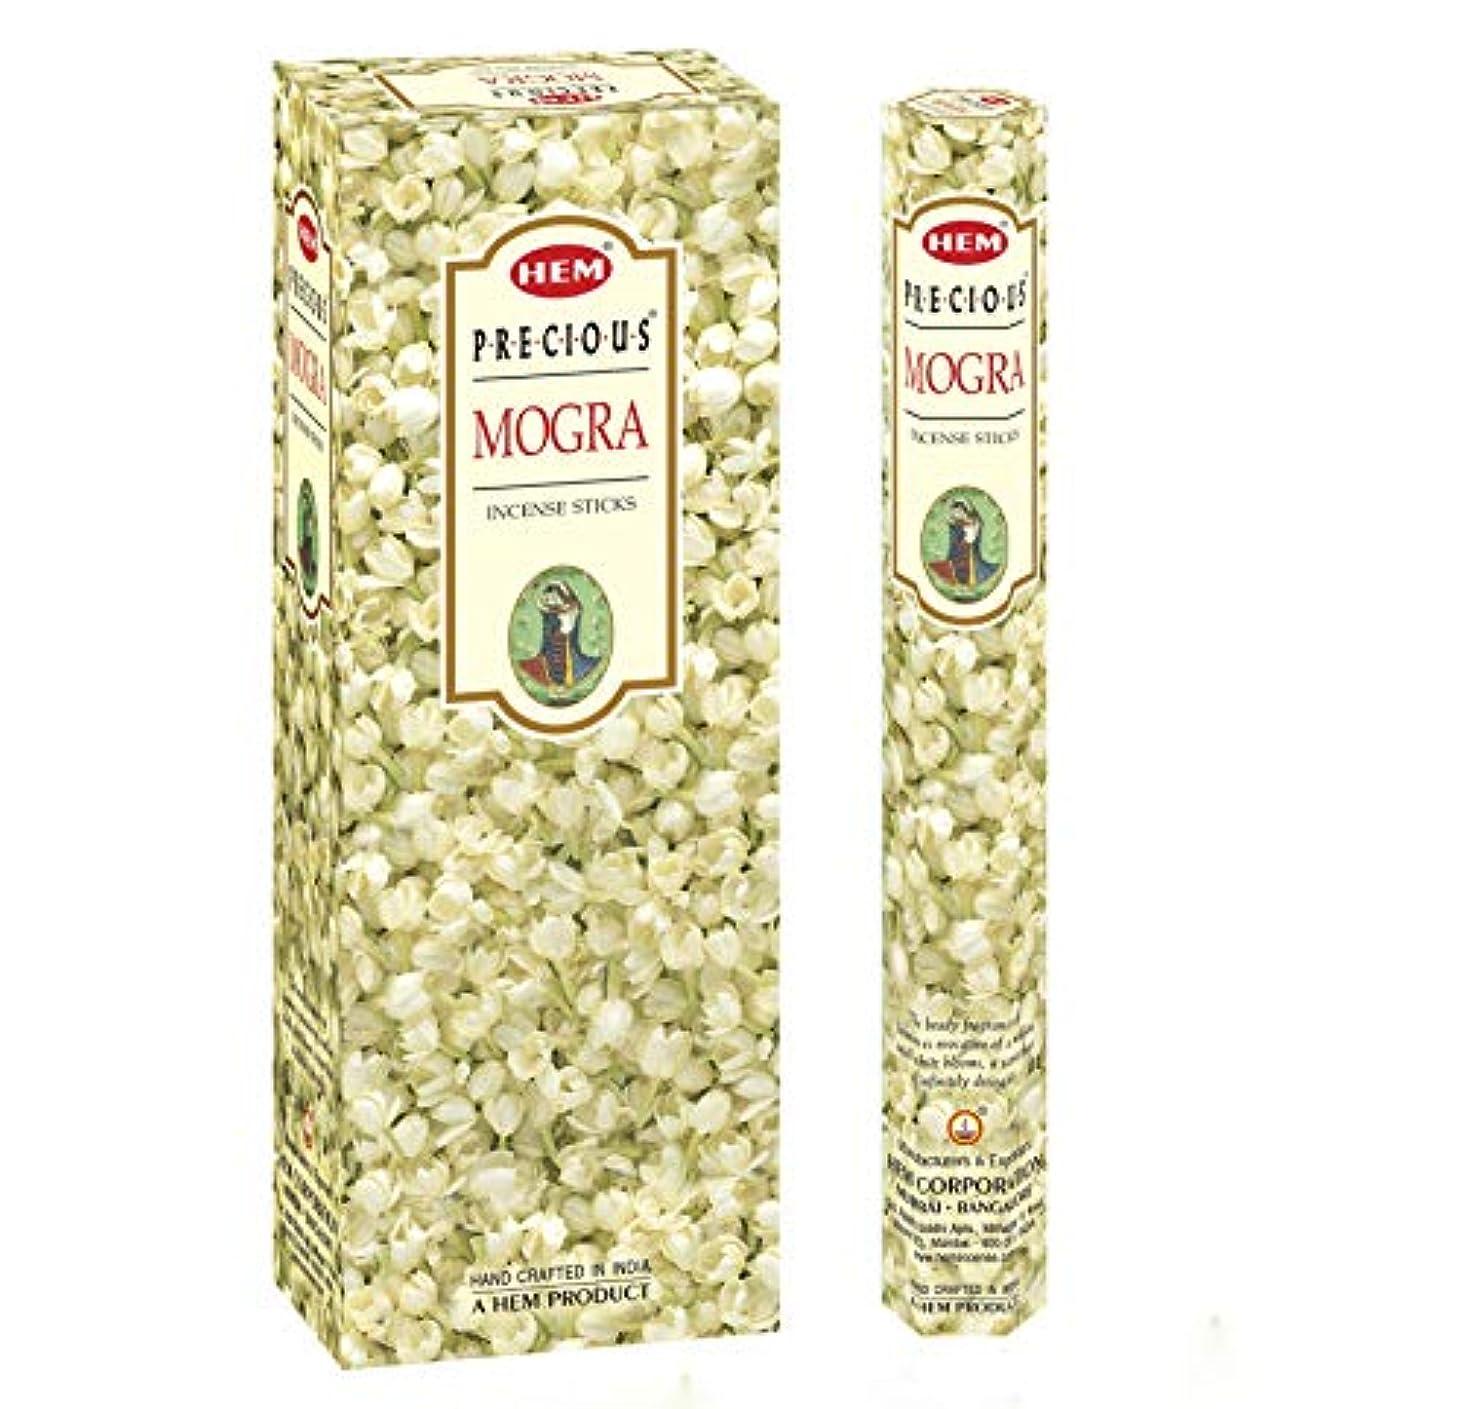 やりがいのある廃止する抑止するPrecious Mogra – ボックスof 6つ20スティックチューブ、120 Sticks合計 – 裾Incense